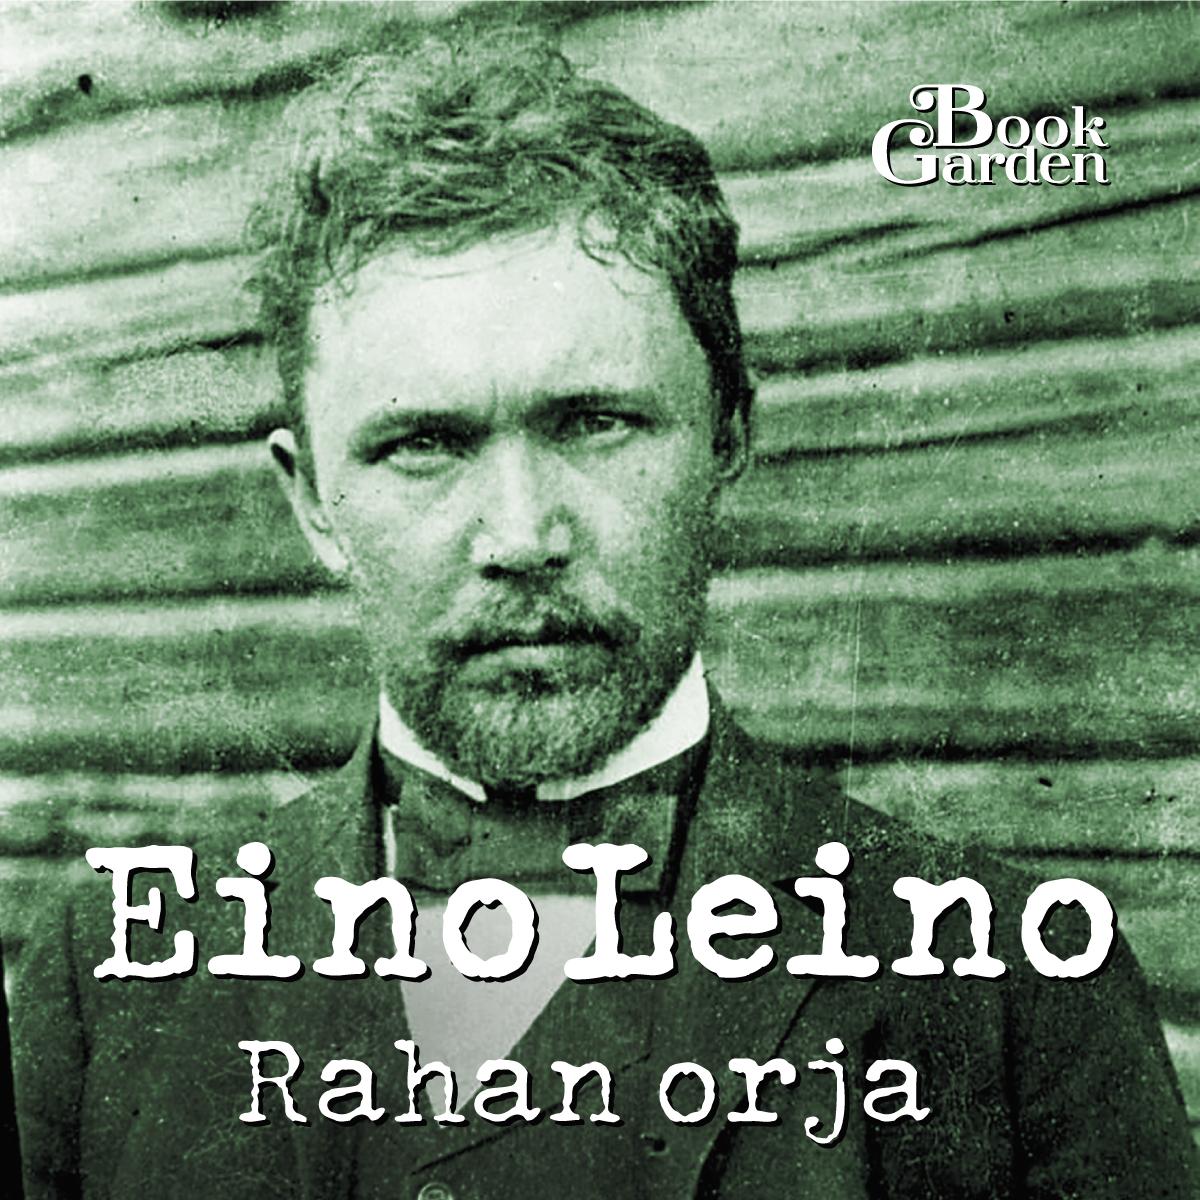 Leino, Eino - Rahan orja, äänikirja